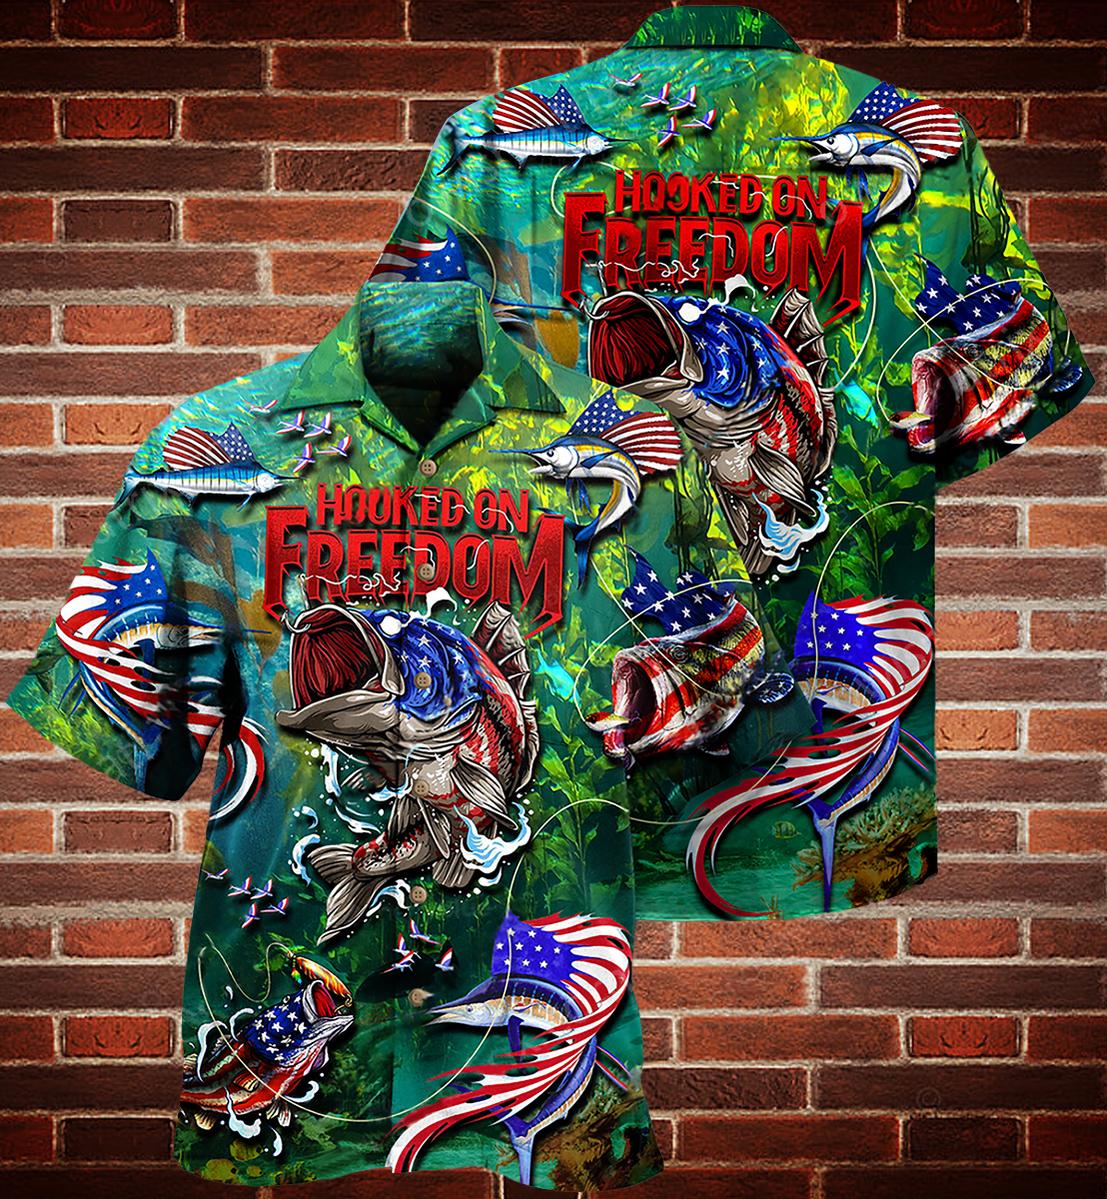 Fishing American flag hooked on freedom Hawaiian shirt